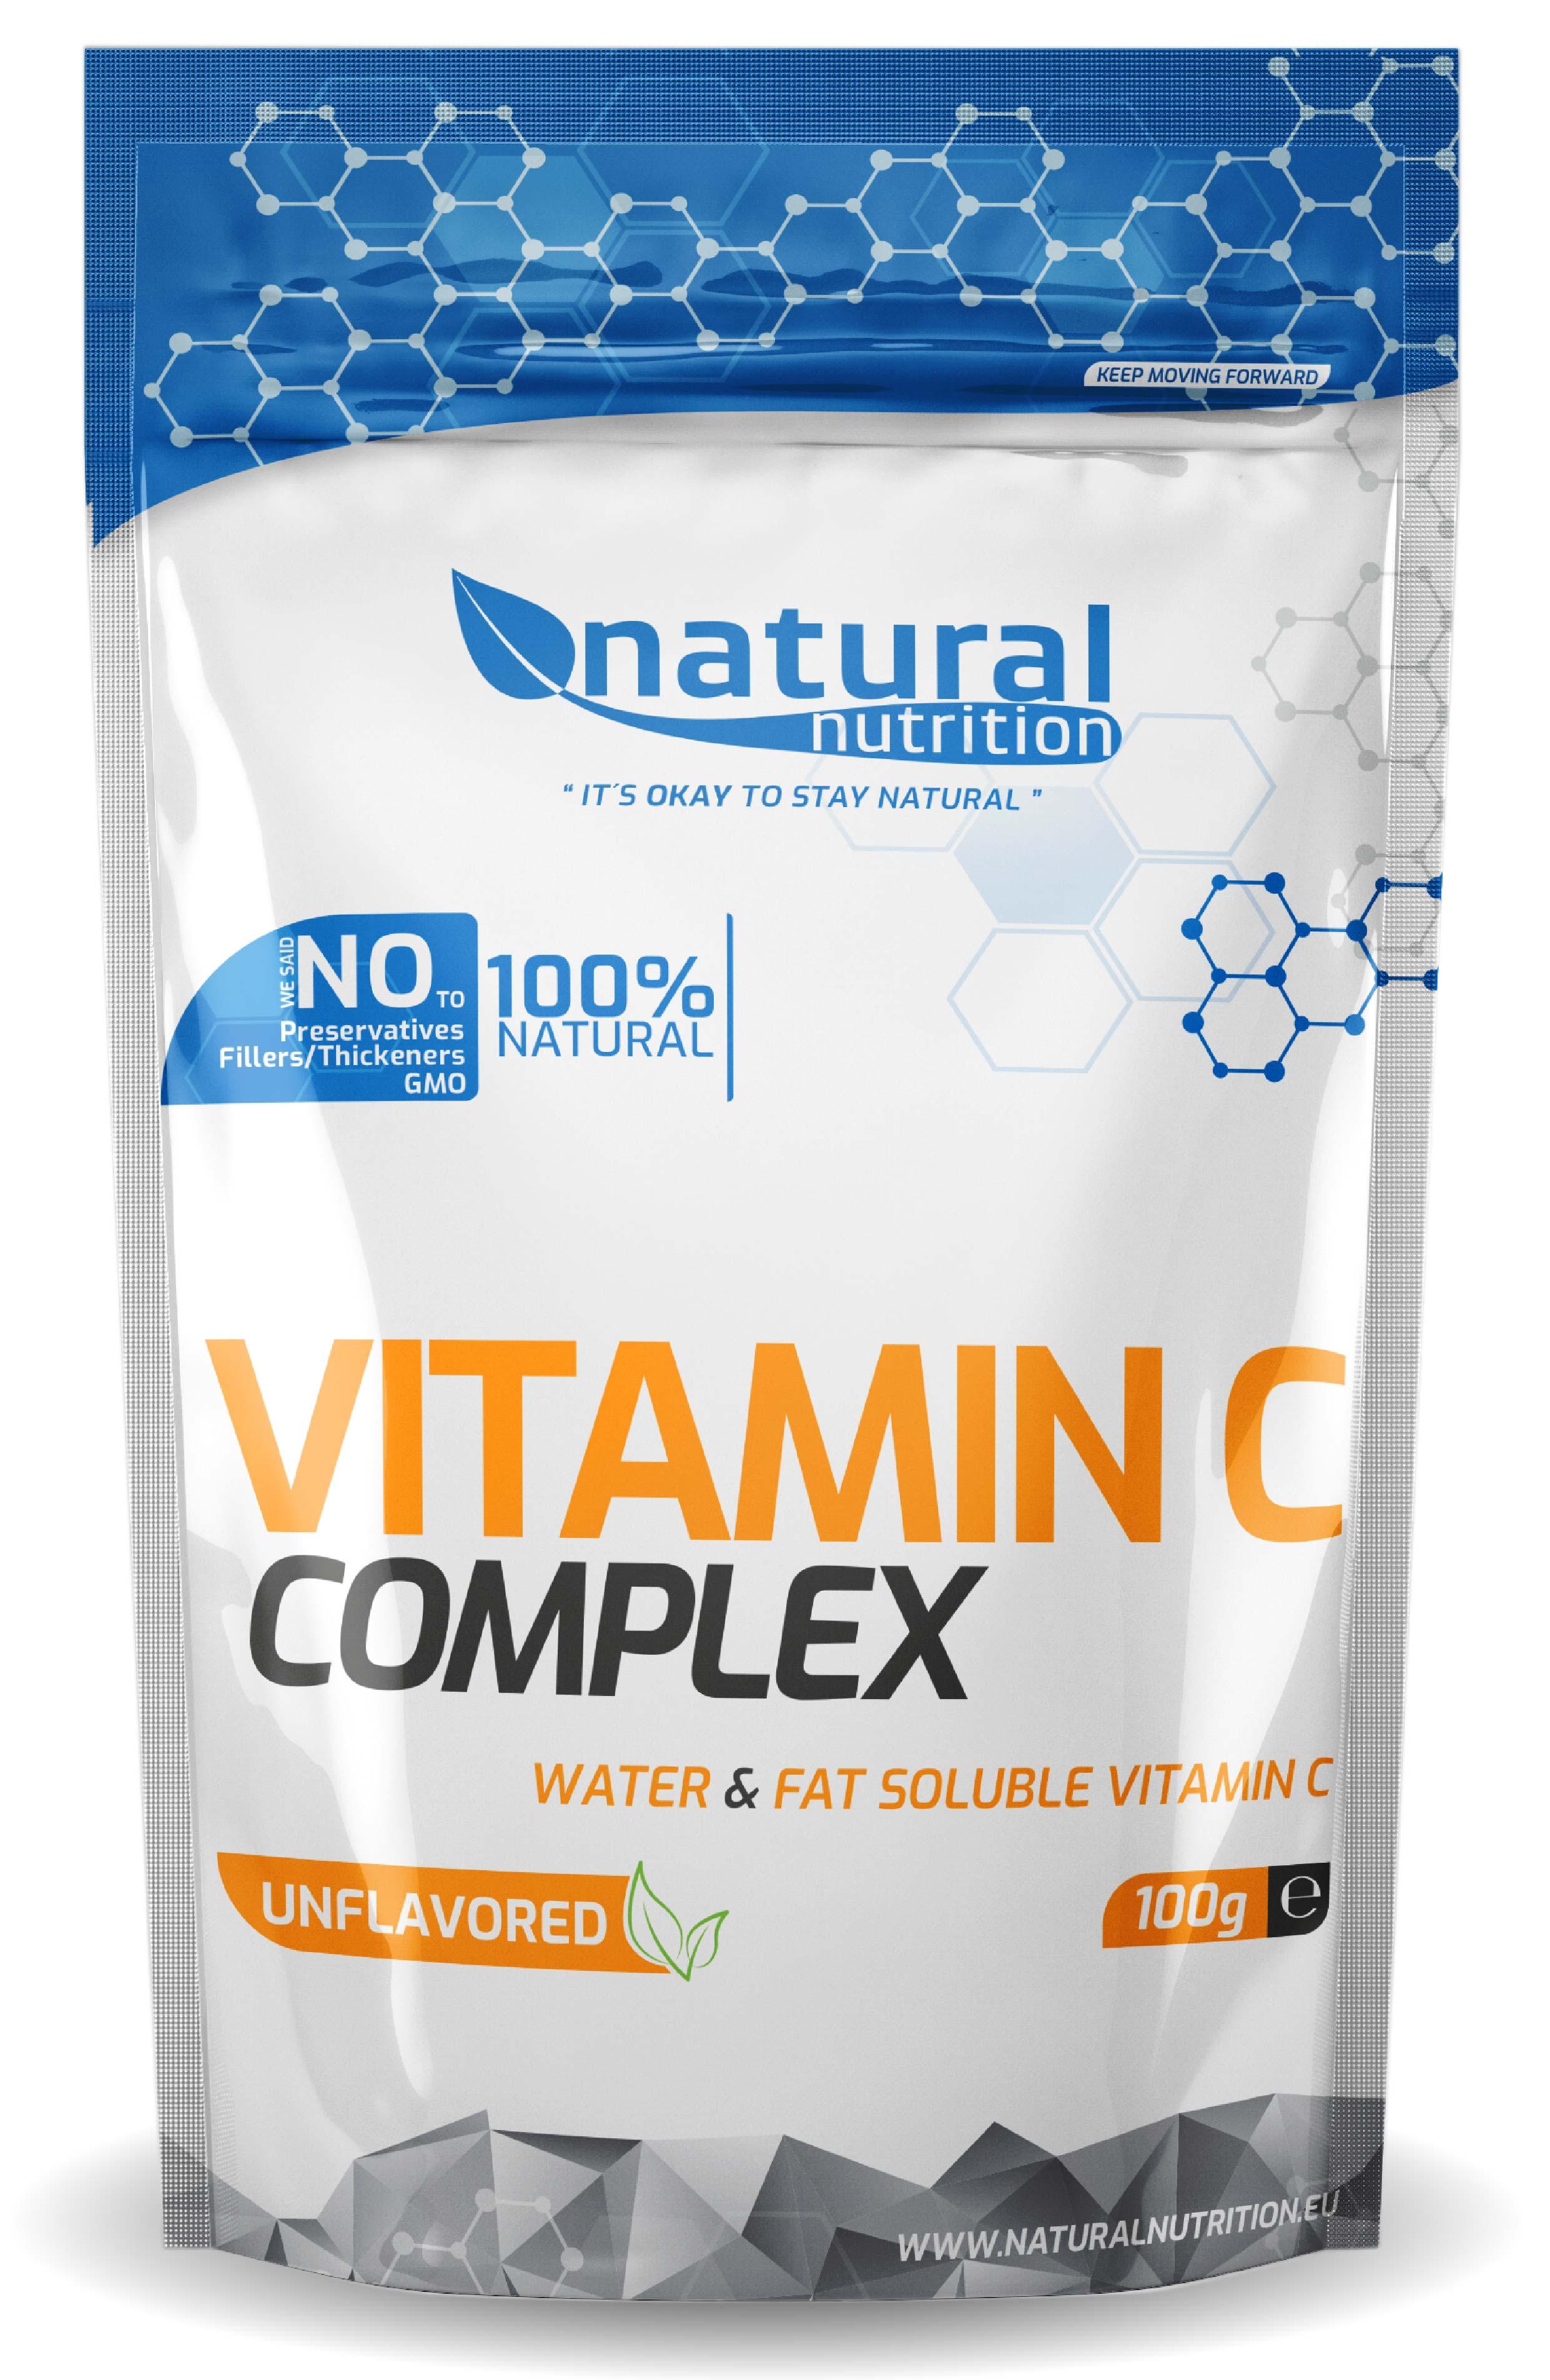 Vitamin C Complex 100g